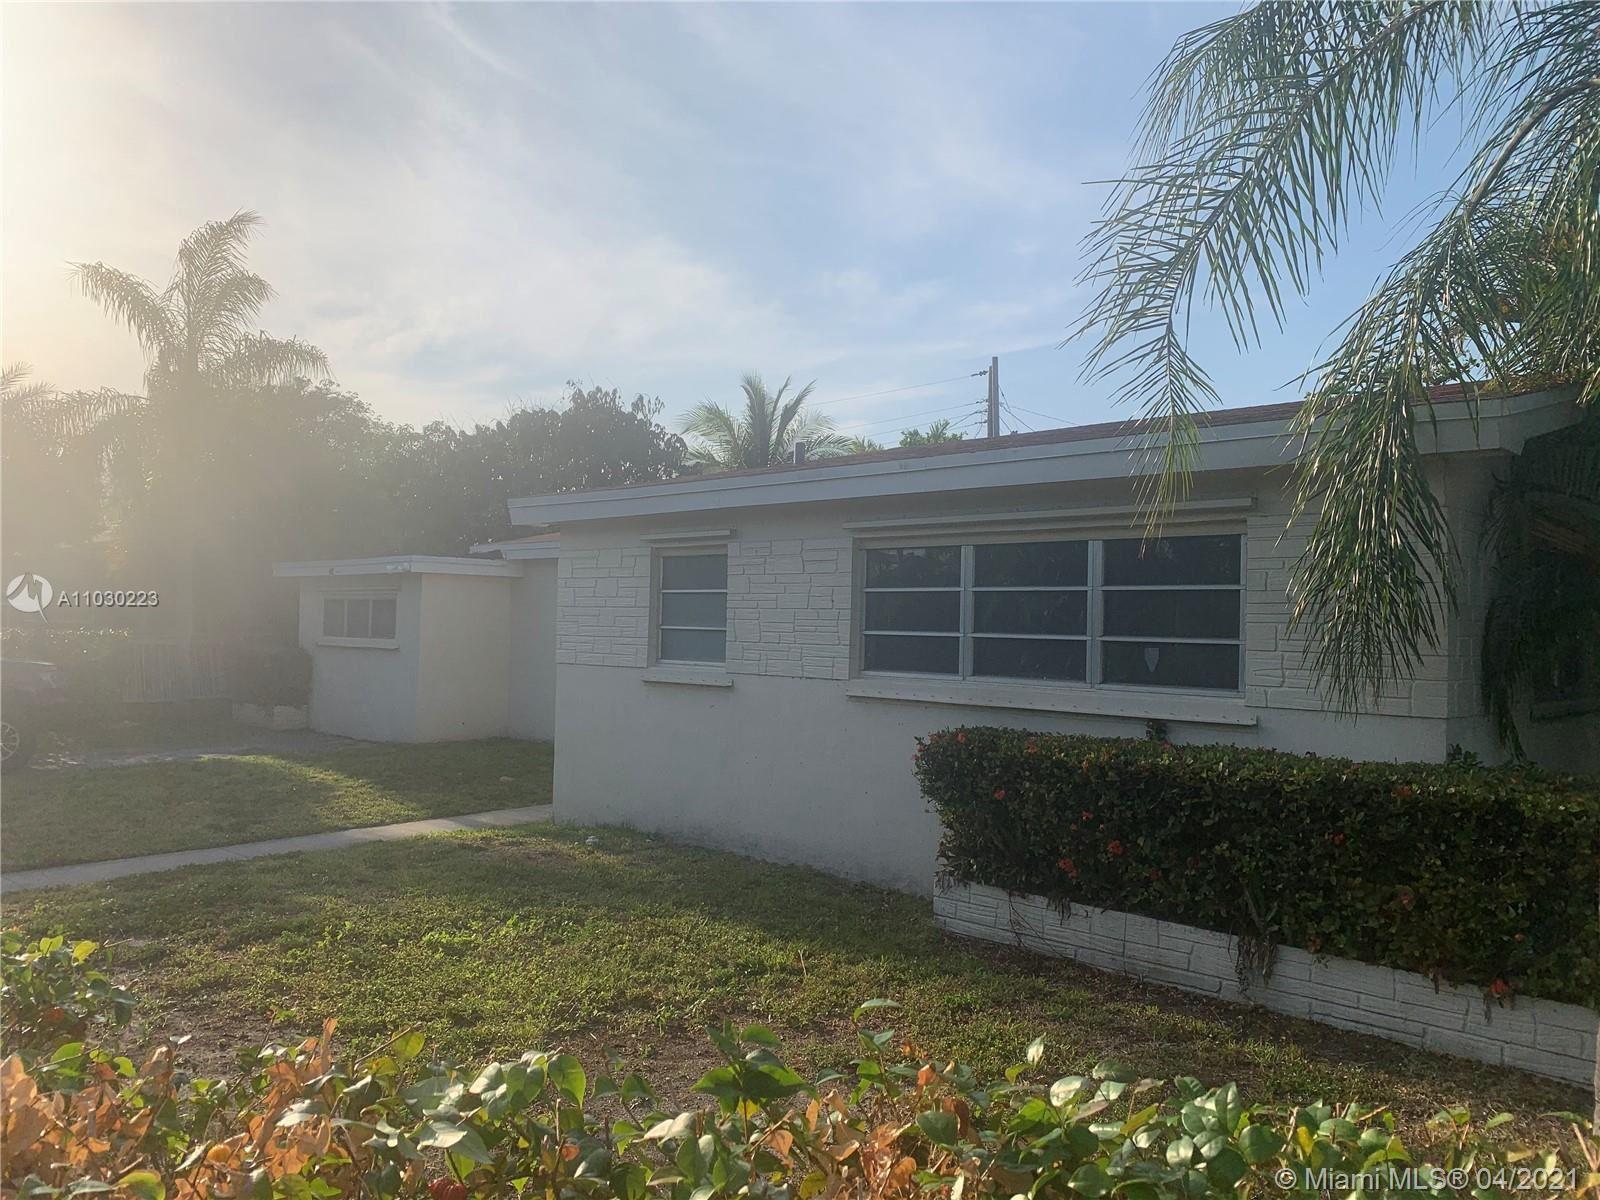 2565 NE 207th St, Miami, FL 33180 - #: A11030223